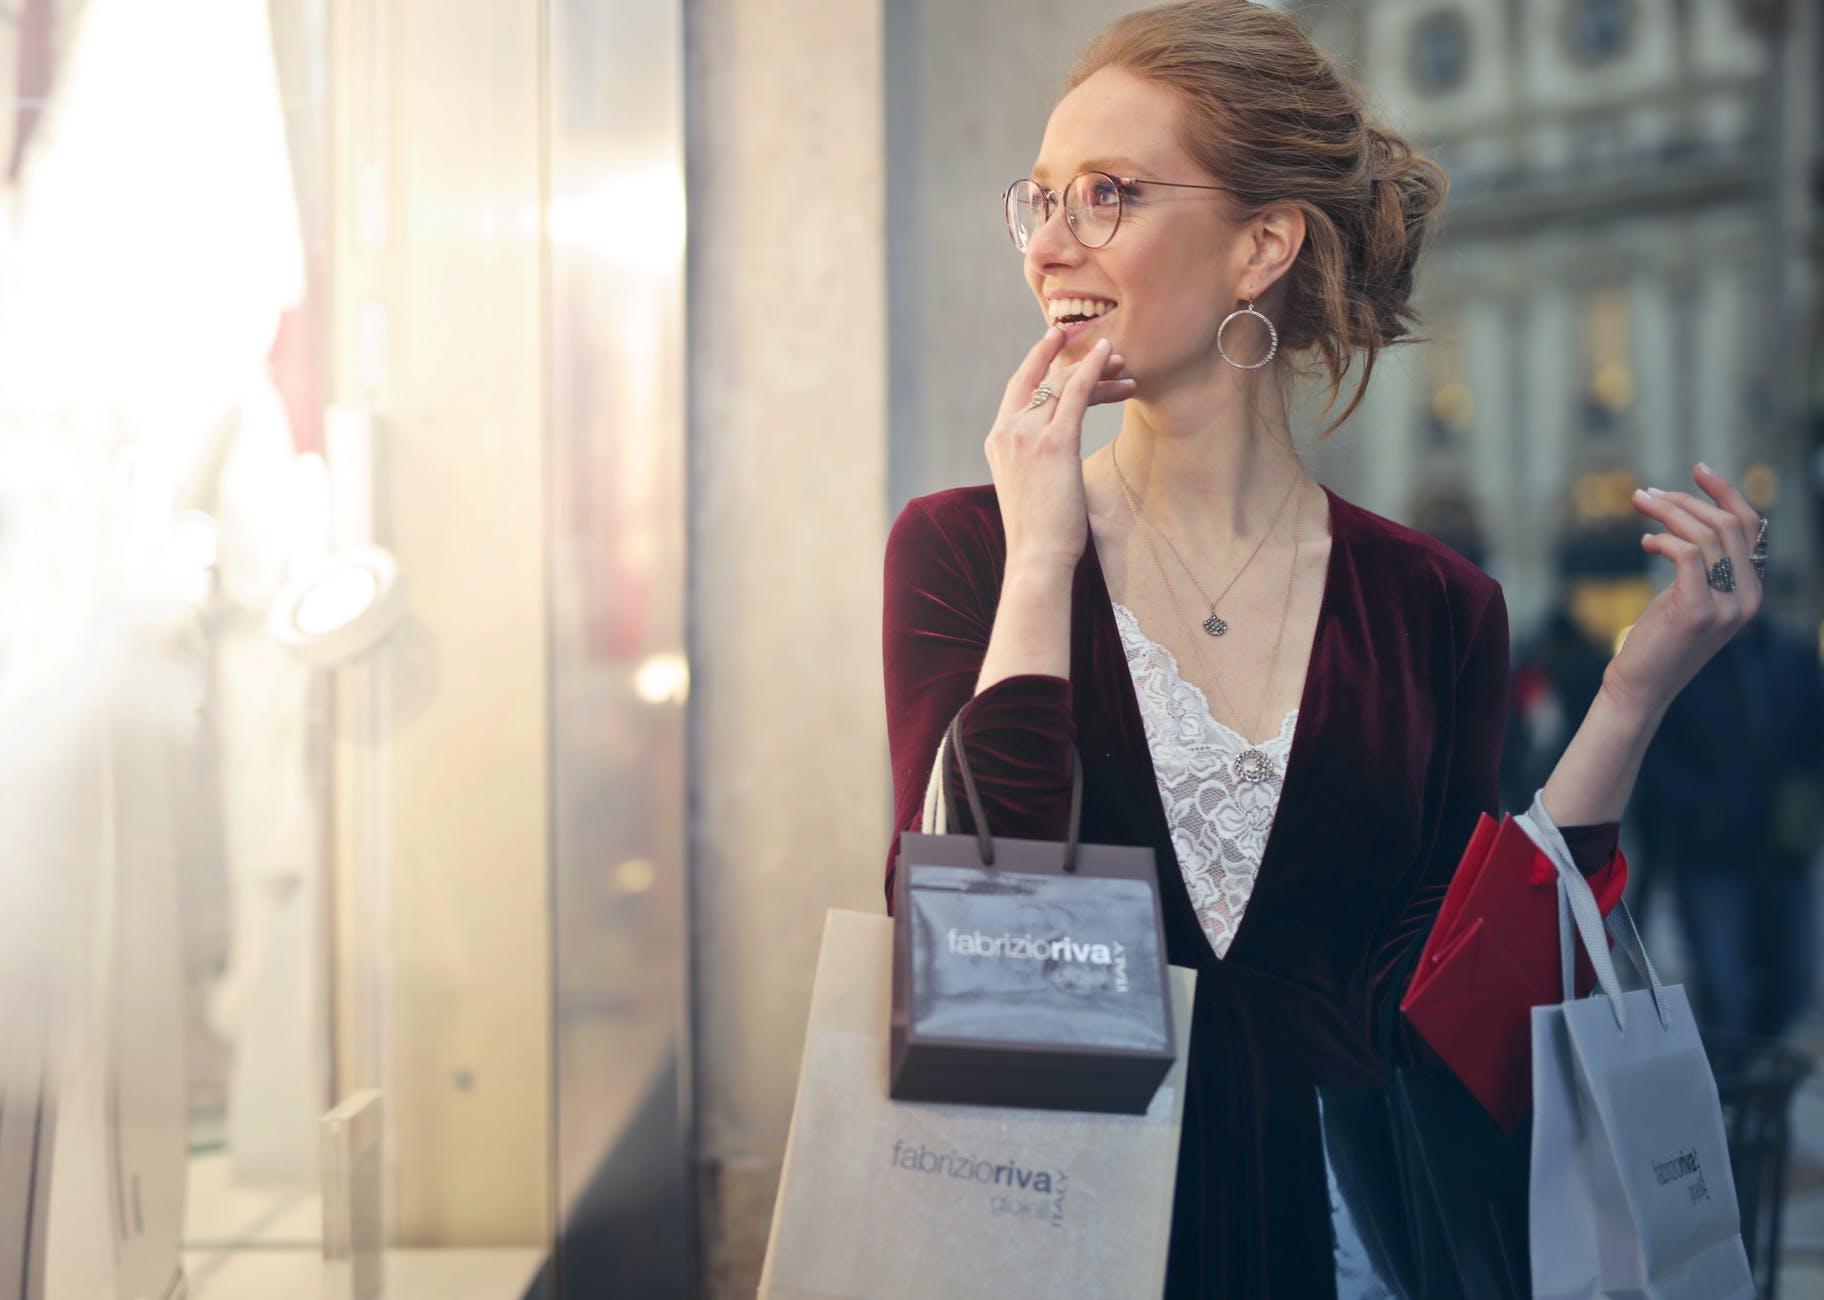 Le shopping apportejoieet bonnehumeur